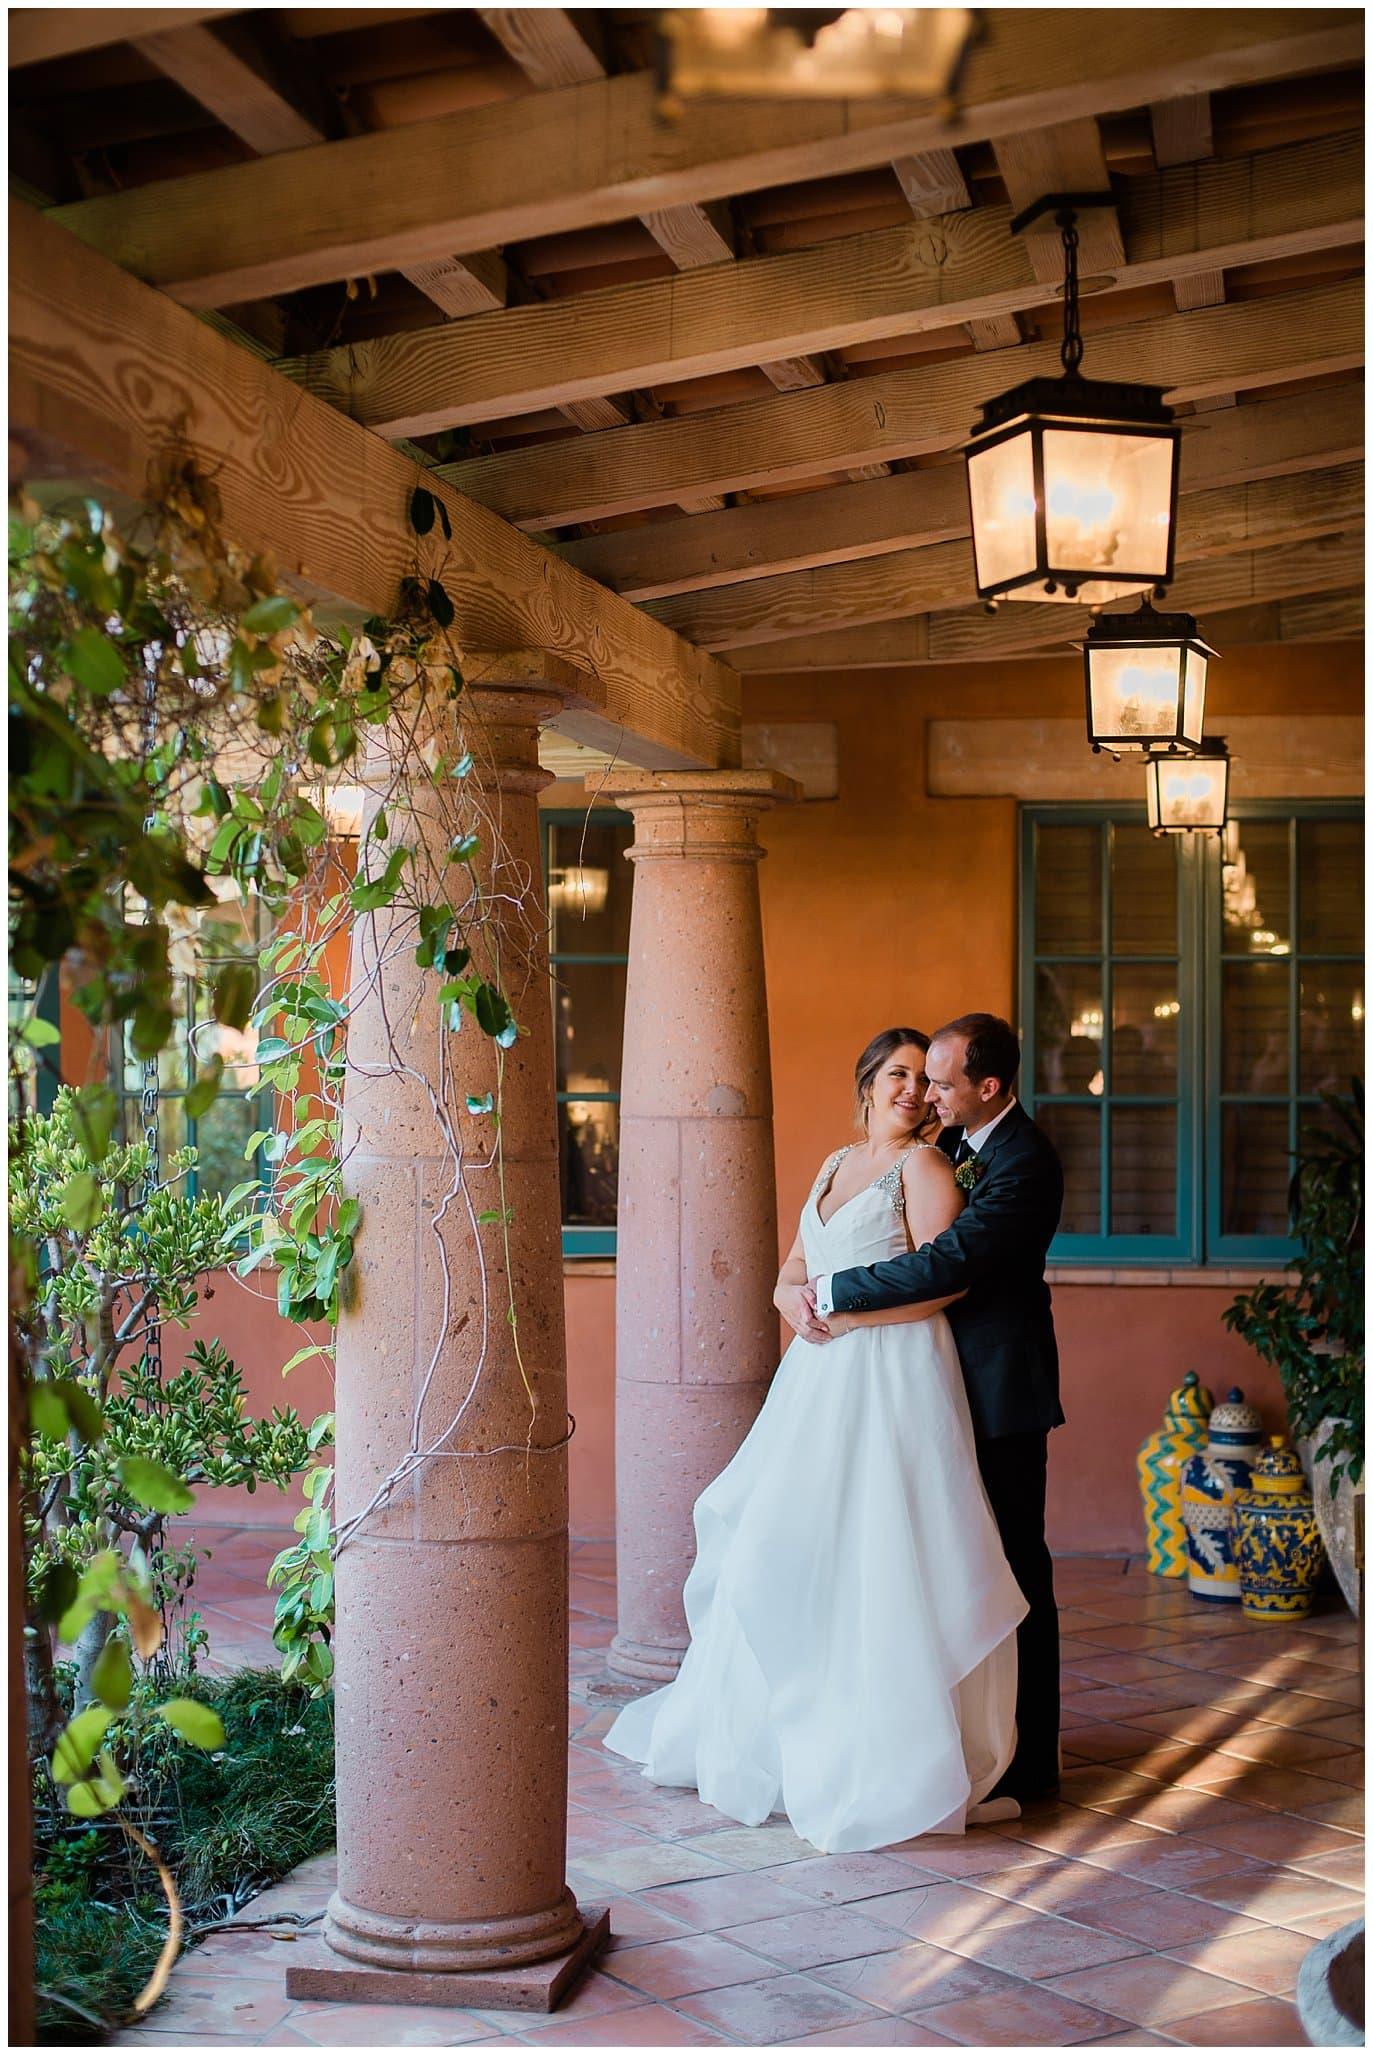 Rancho Valencia spa wedding photo